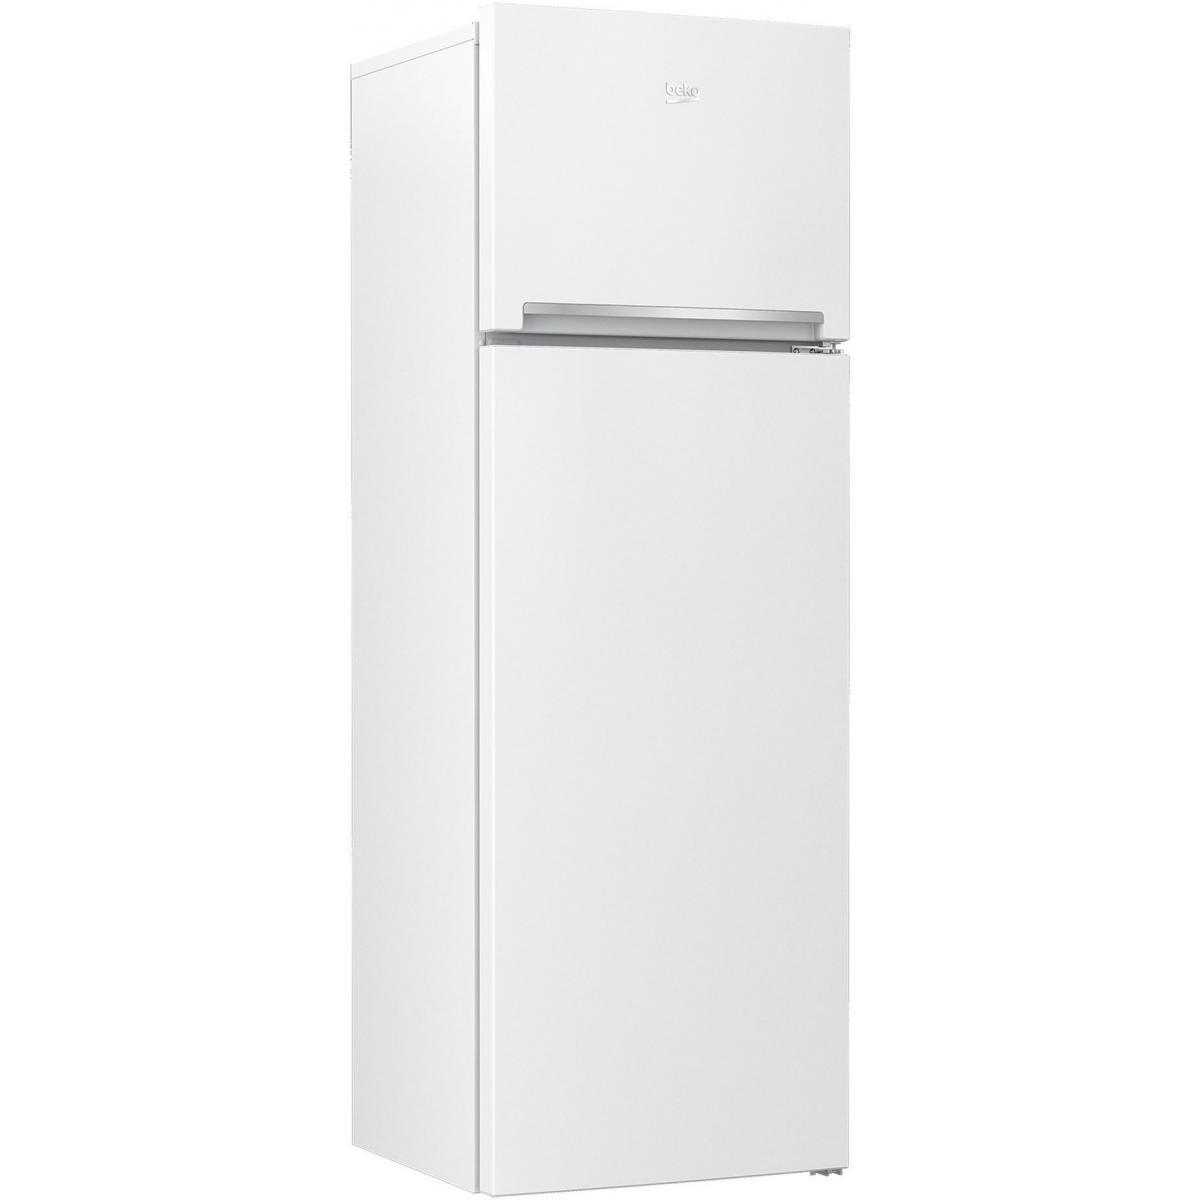 Beko Réfrigérateur 2 portes 306L Froid Brassé BEKO 59.5cm A+, RDSA 310 K 30 WN